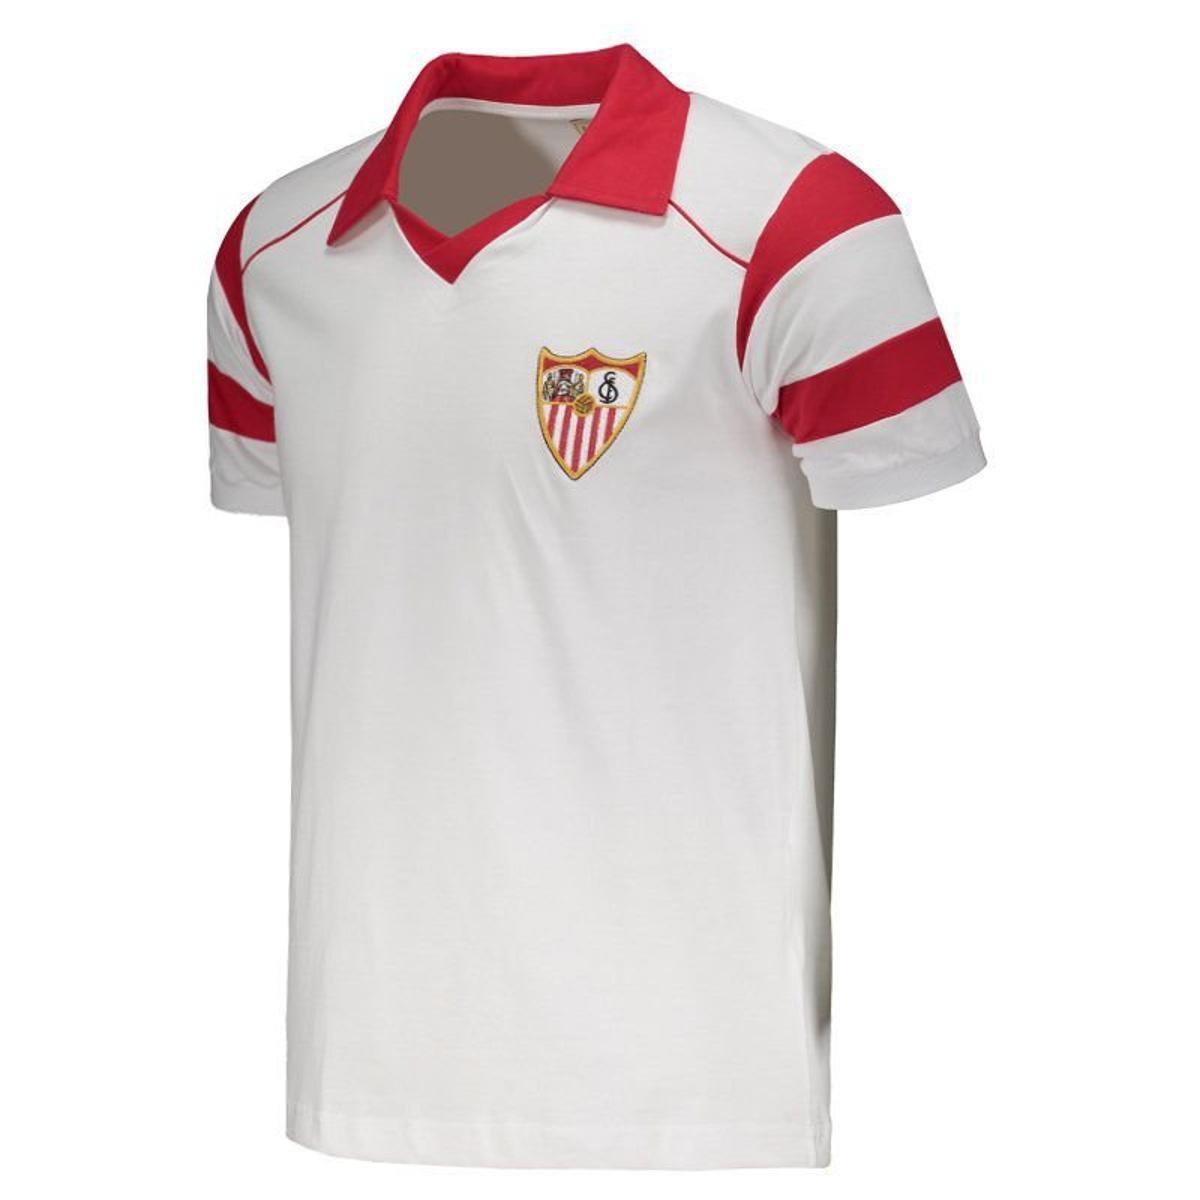 62c7575862 Camisa Sevilla Retrô 1992 Masculina  Camisa Sevilla Retrô 1992 Masculina ...